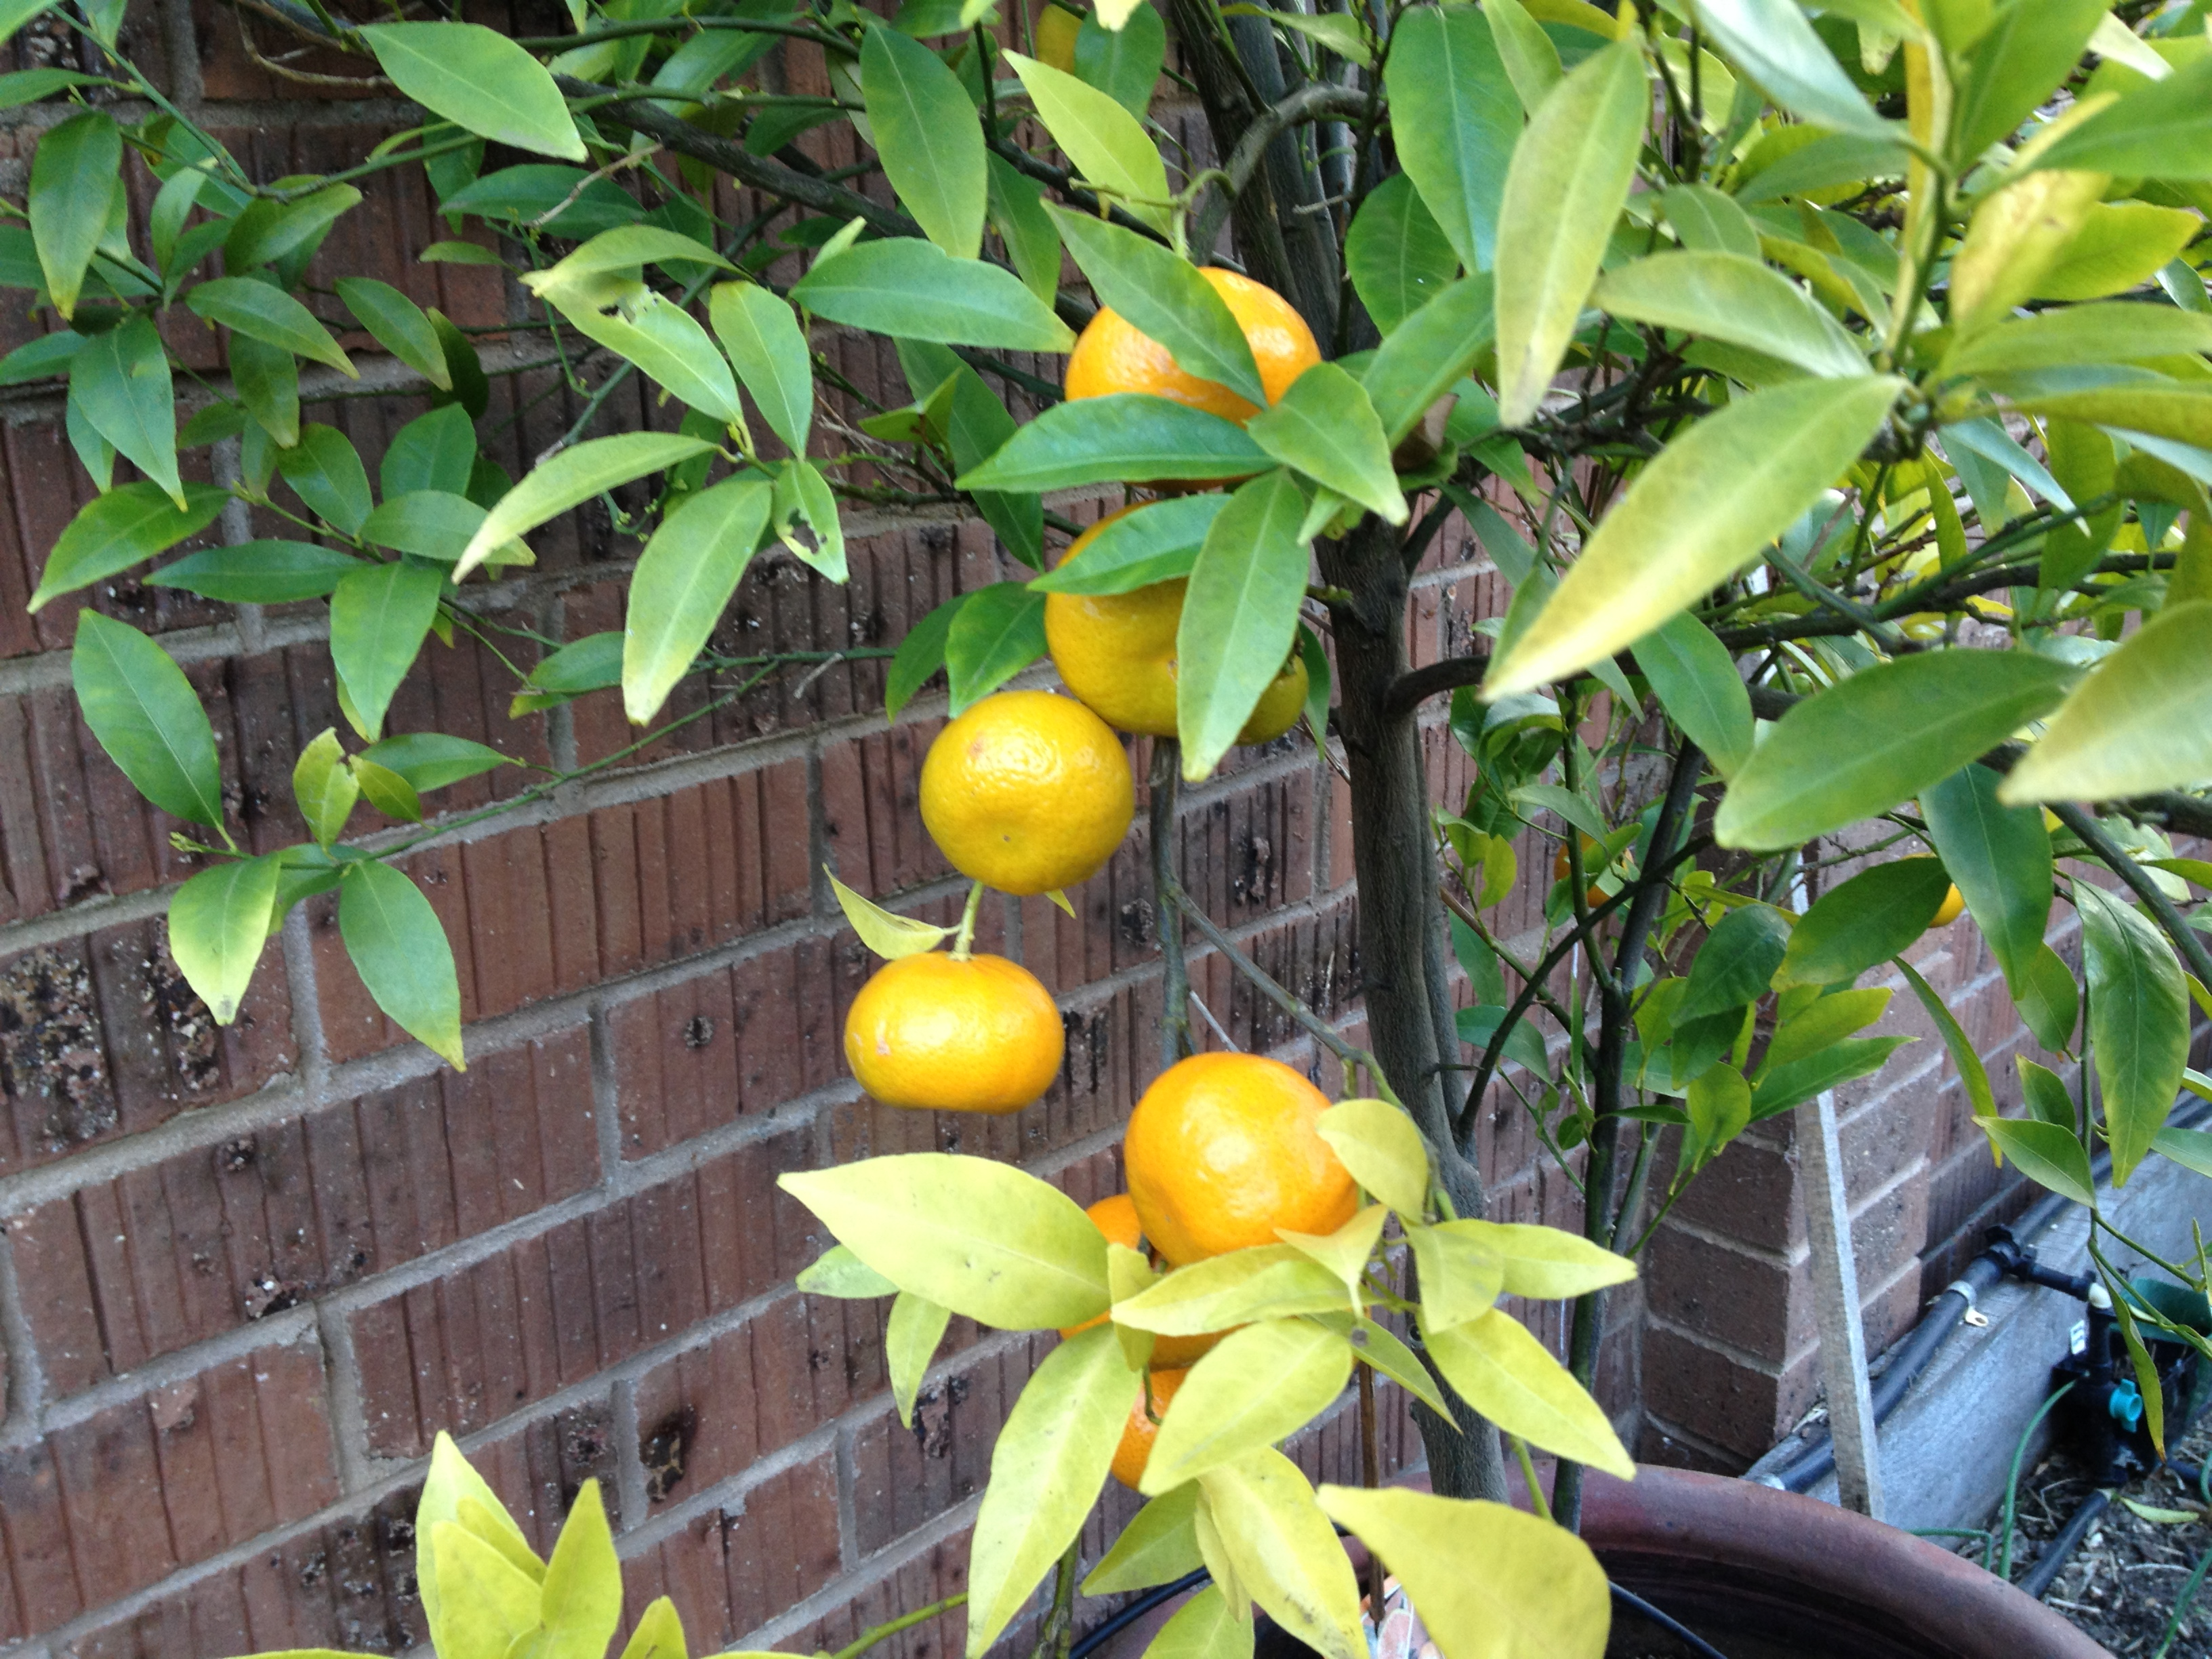 Peeing on a lemon tree